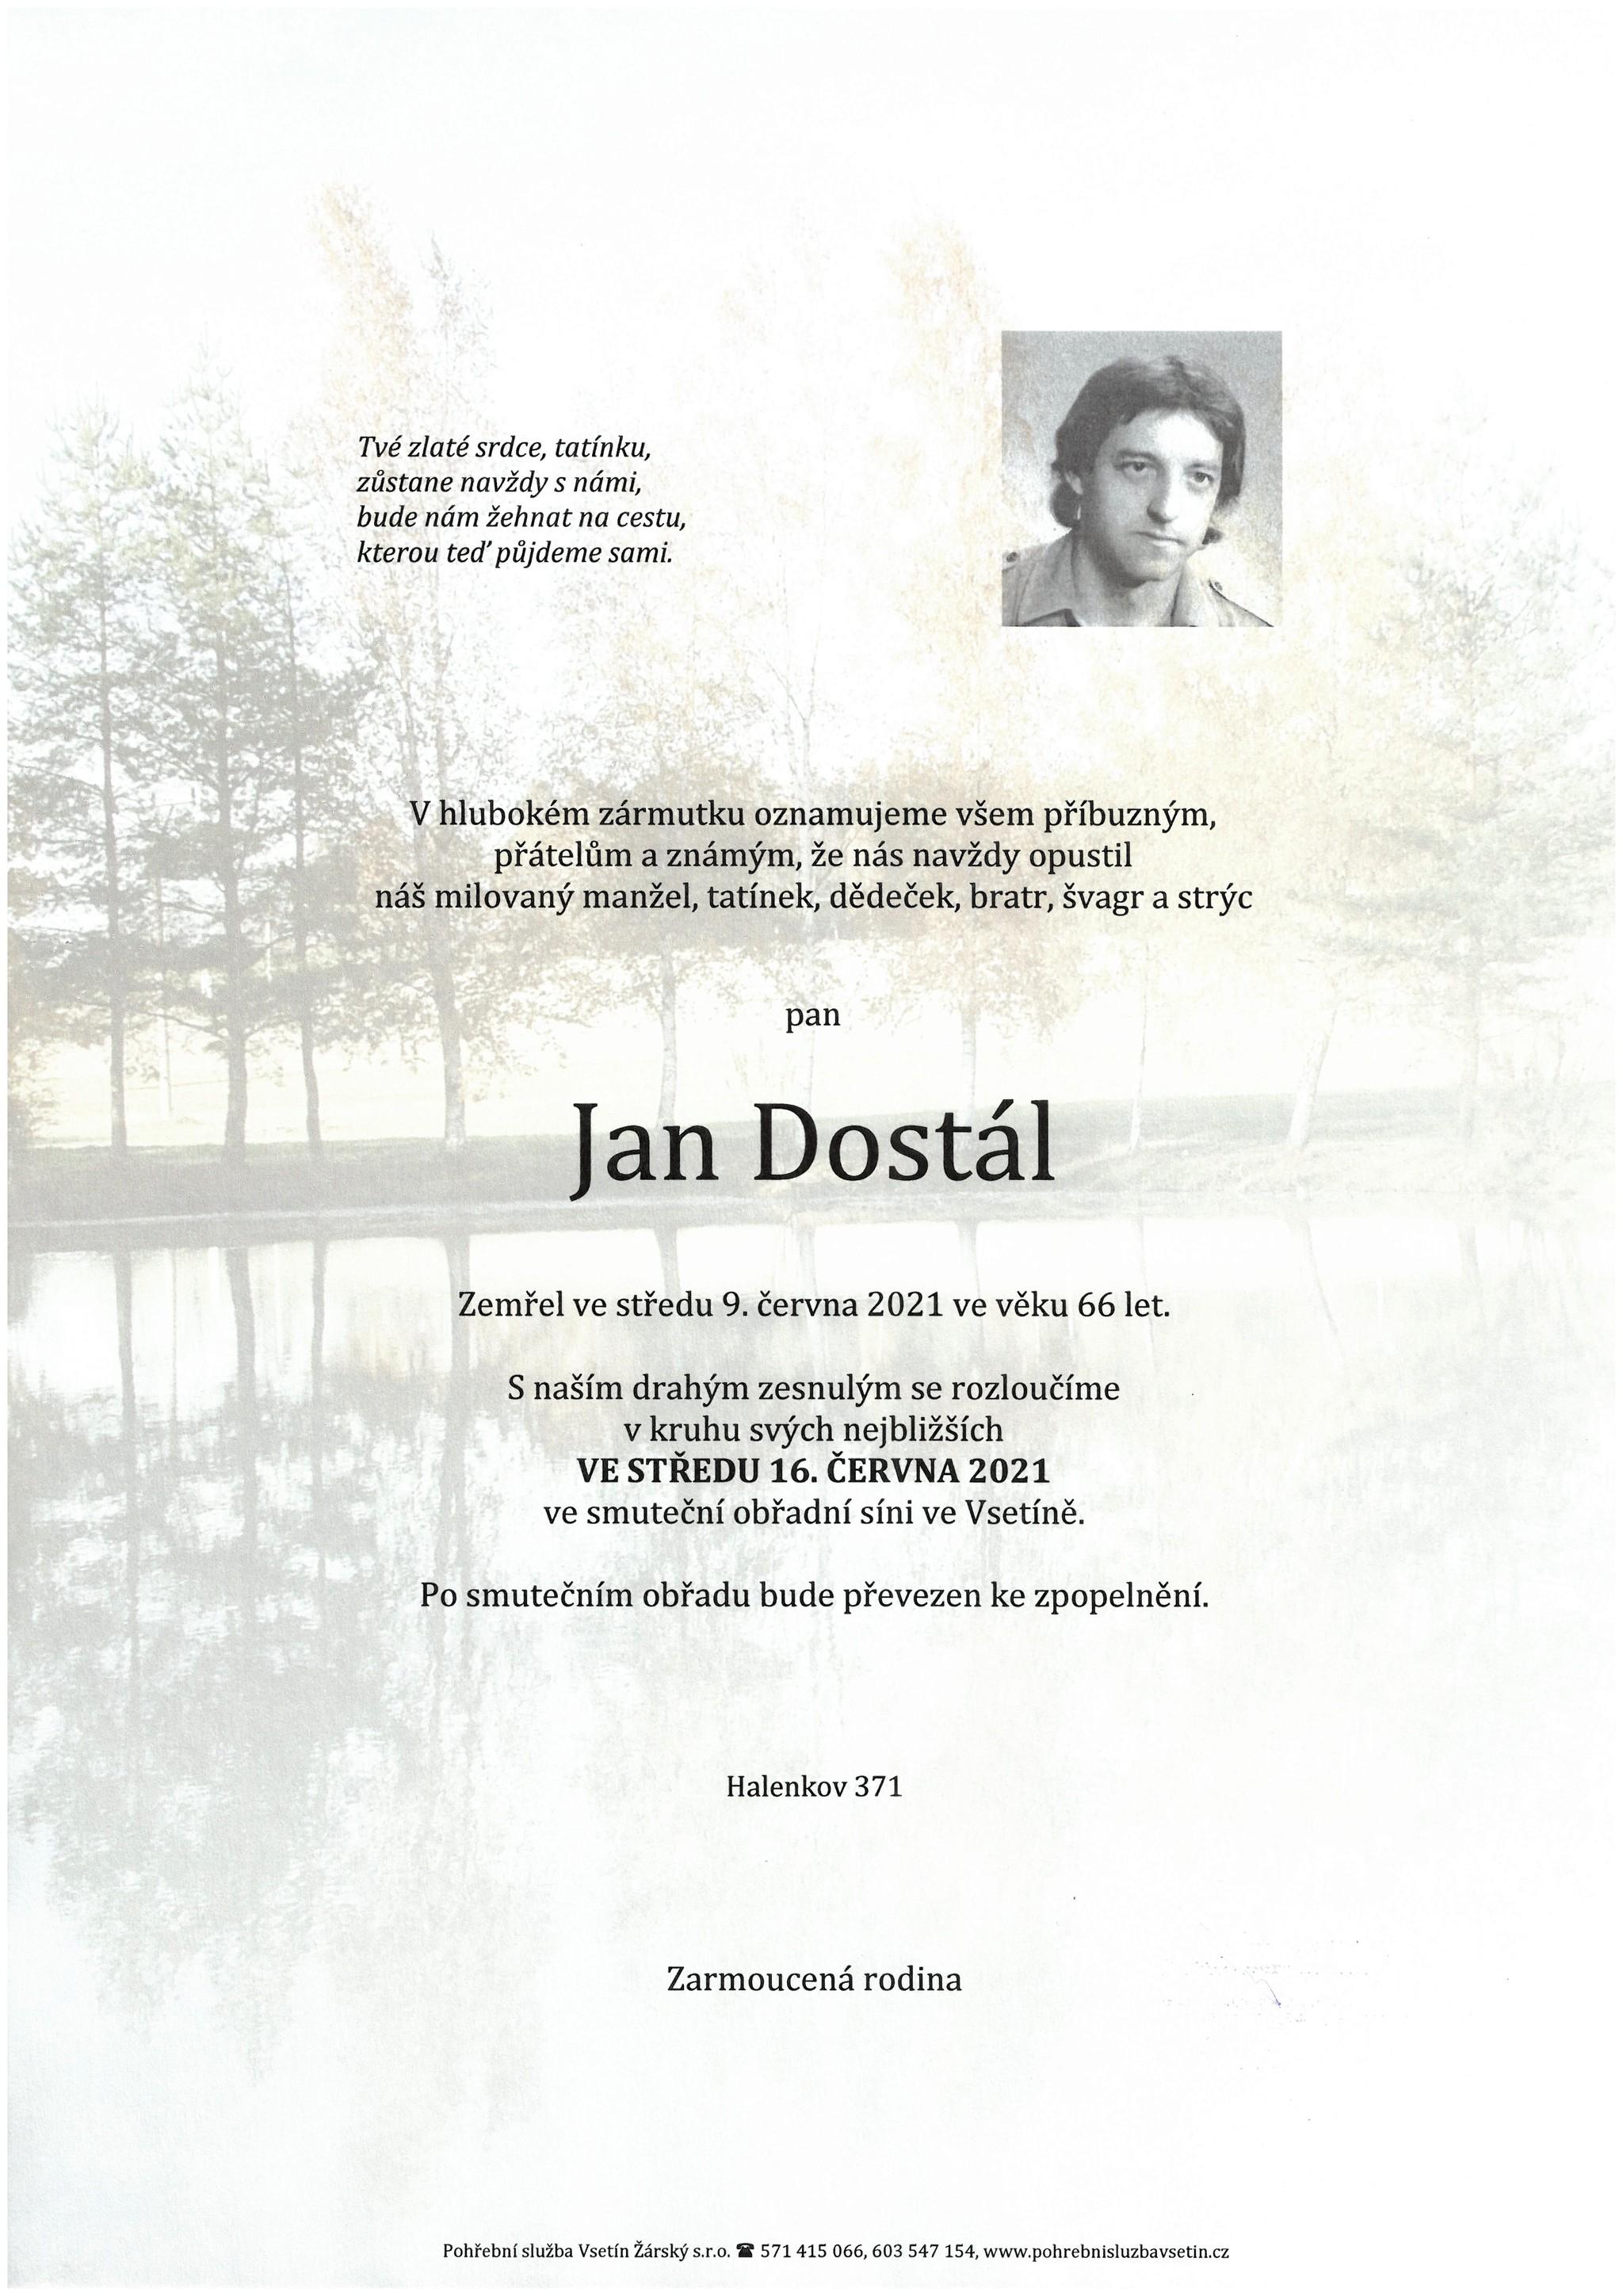 Jan Dostál